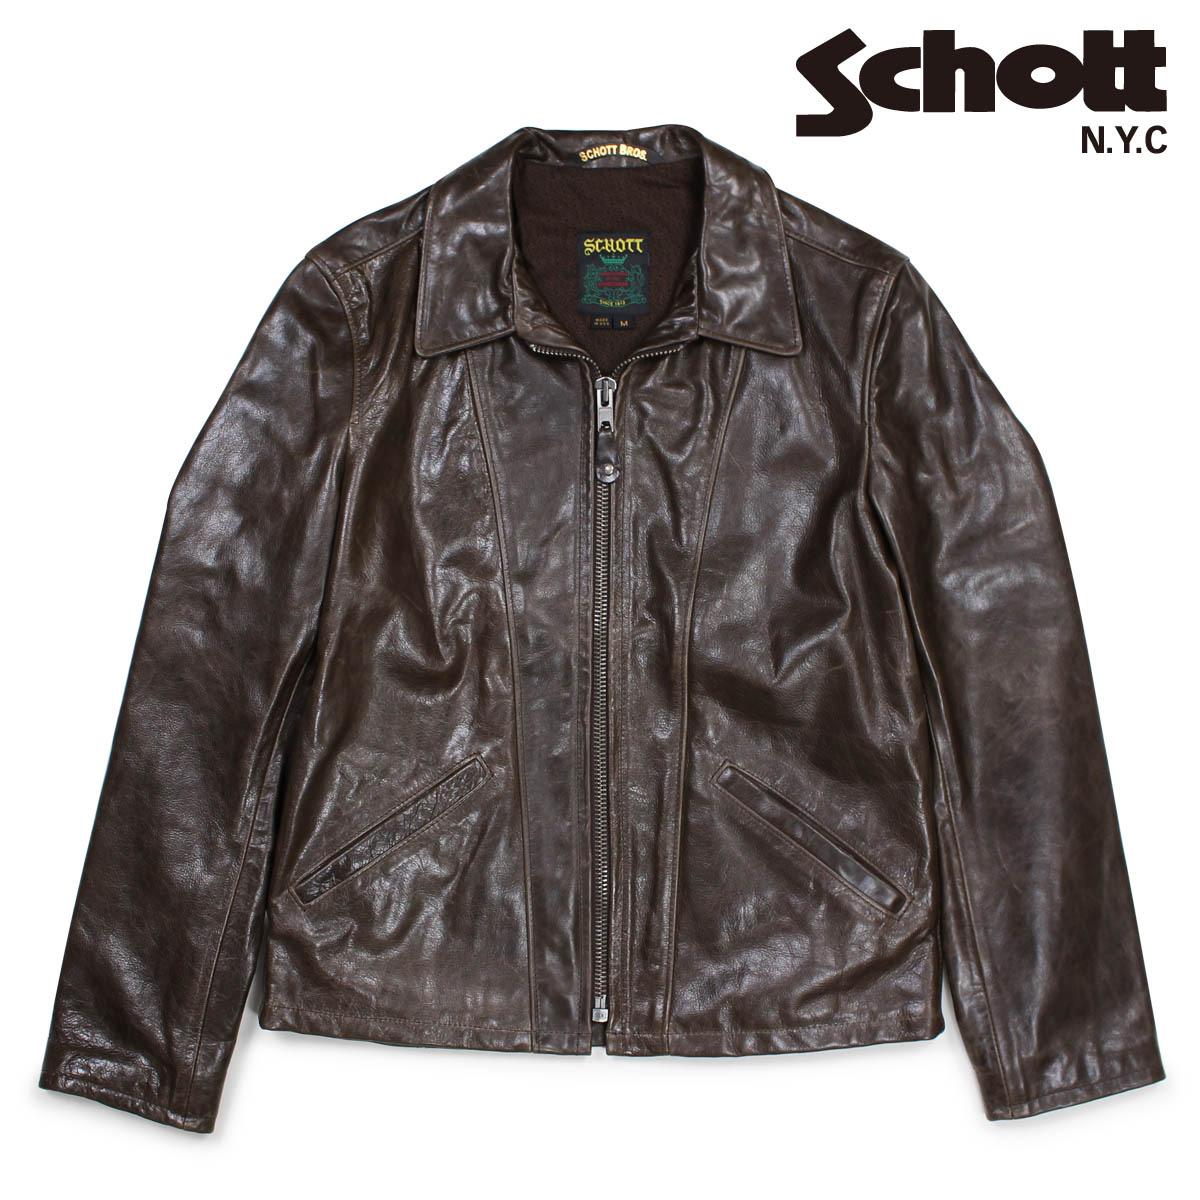 爆売り! ショット JACKET Schott ブラウン ジャケット トラッカージャケット メンズ レザージャケット メンズ TRUCKER JACKET ブラウン 553, キャンペーン365:520618c7 --- canoncity.azurewebsites.net